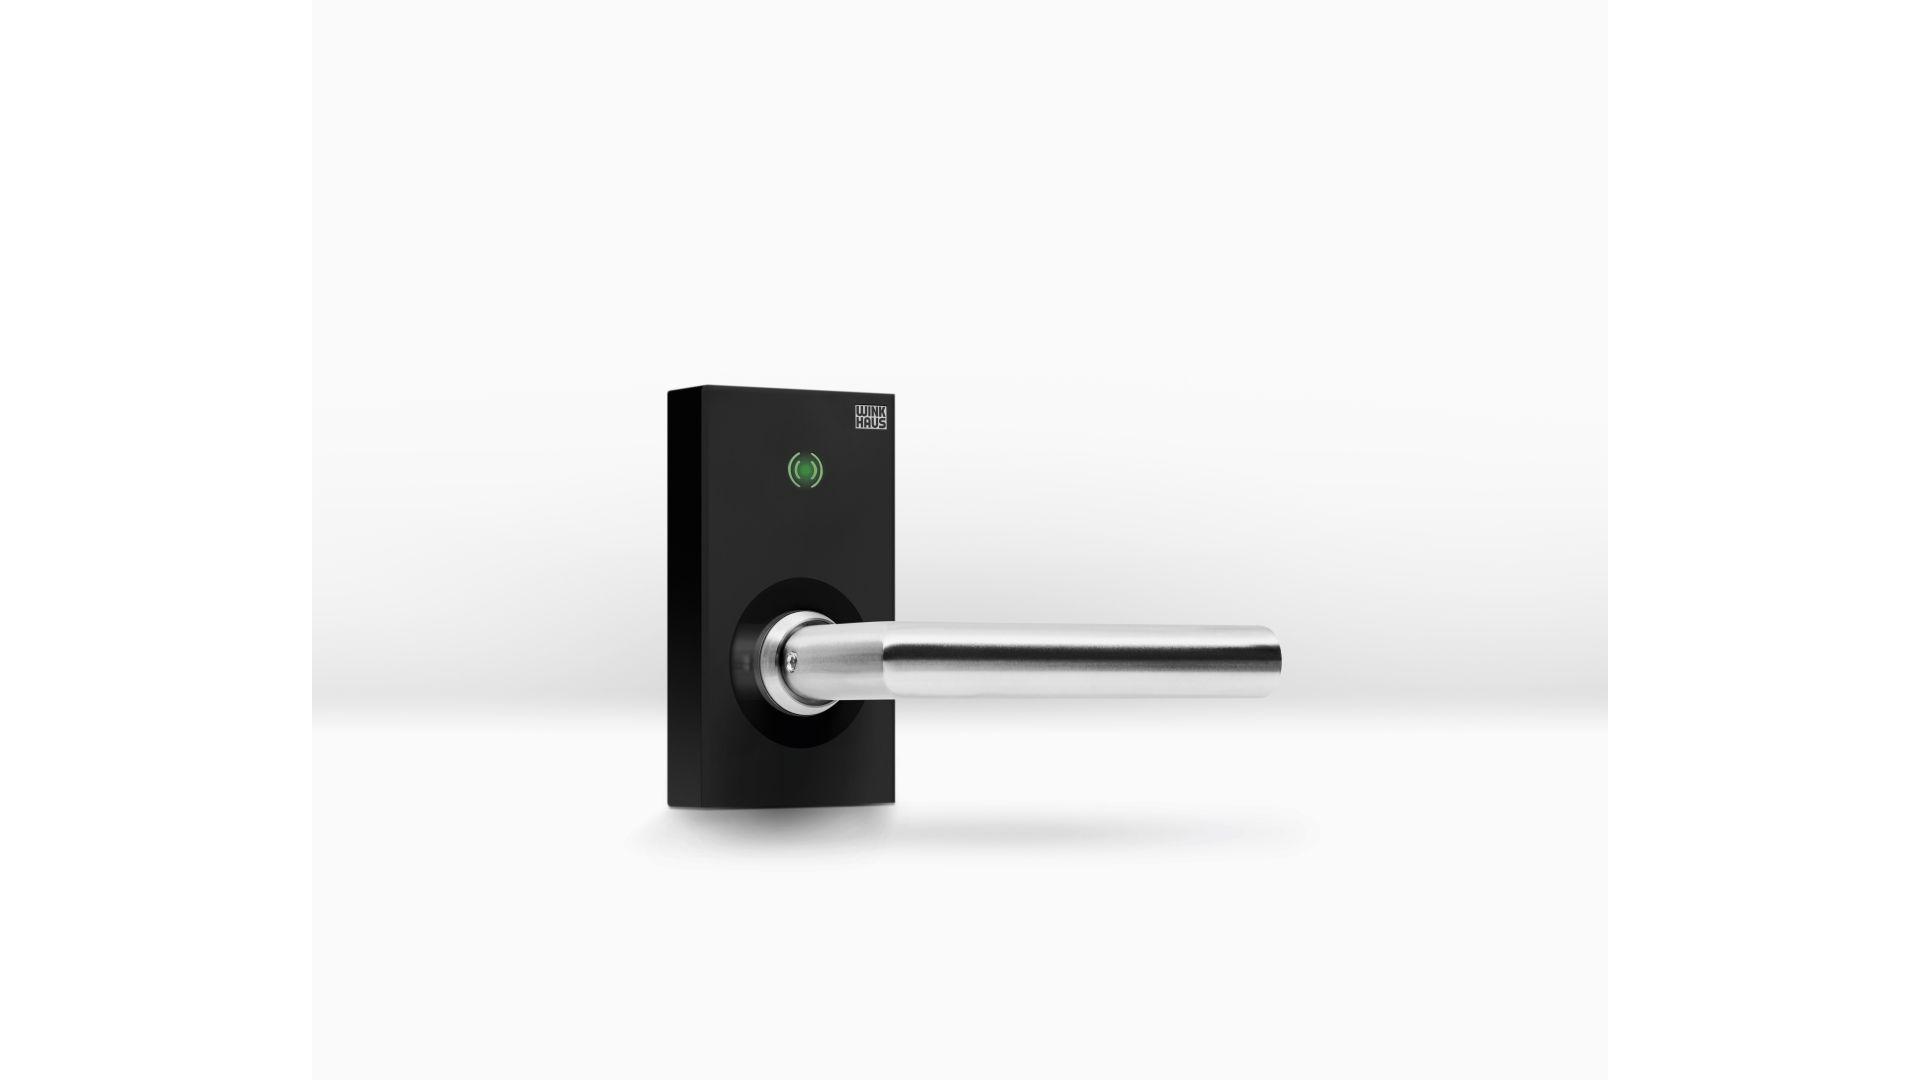 Klamka elektroniczna Winkhaus blueSmart ETB-IM do drzwi wewnętrznych/Winkhaus. Produkt zgłoszony do konkursu Dobry Design 2020.